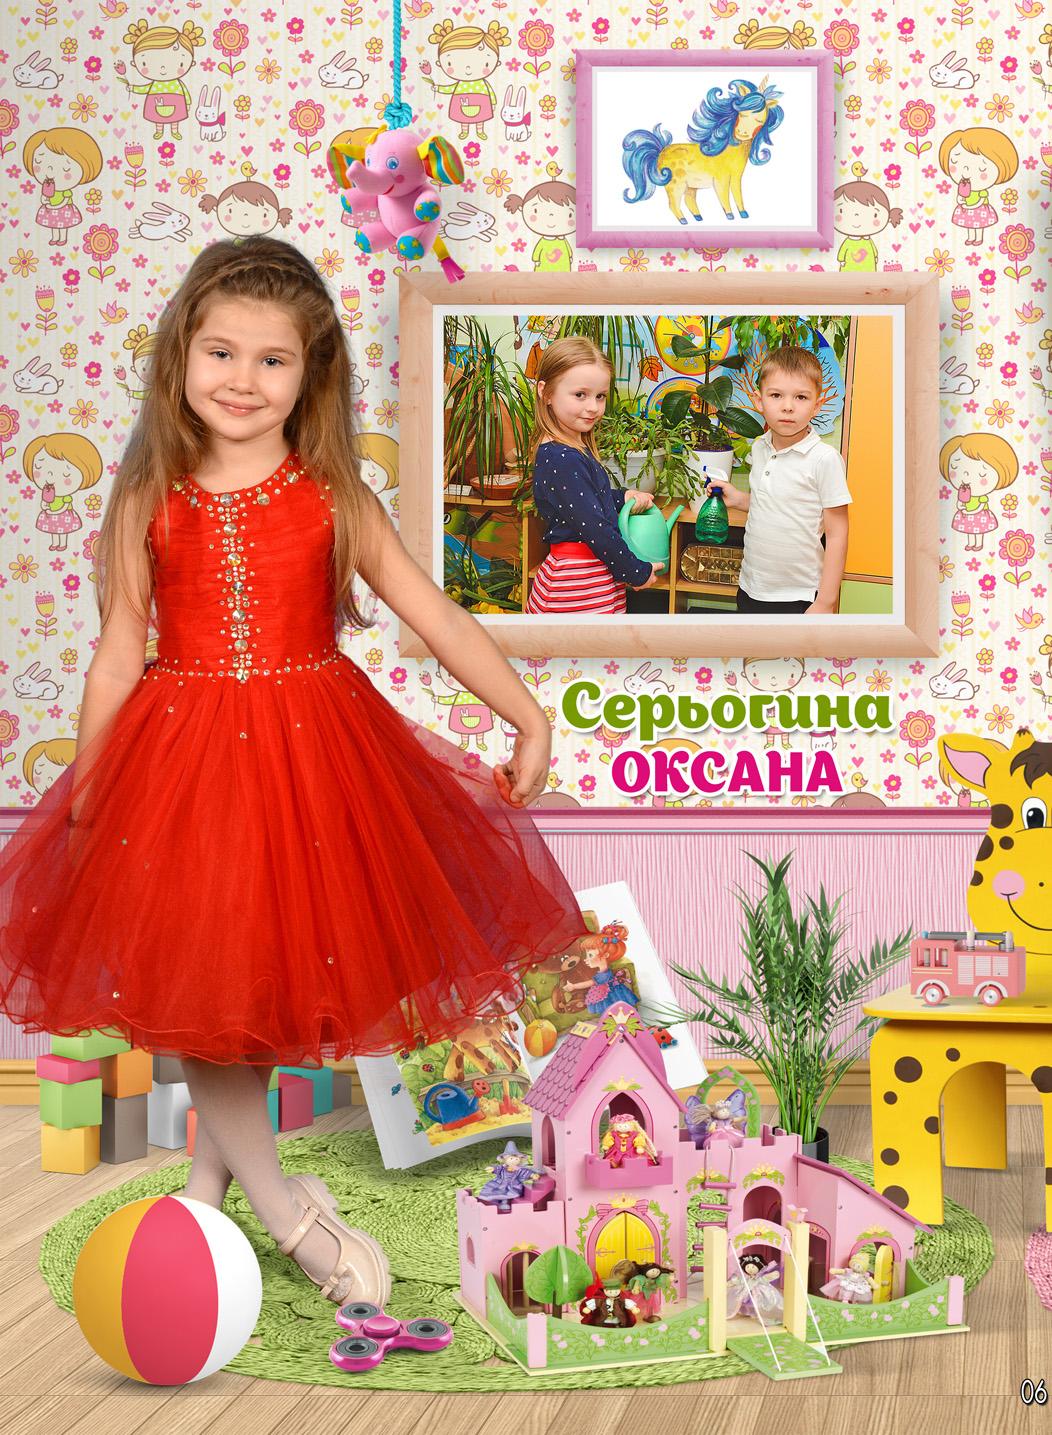 https://school-photo.com.ua/wp-content/uploads/2021/09/06-копия-2.jpg